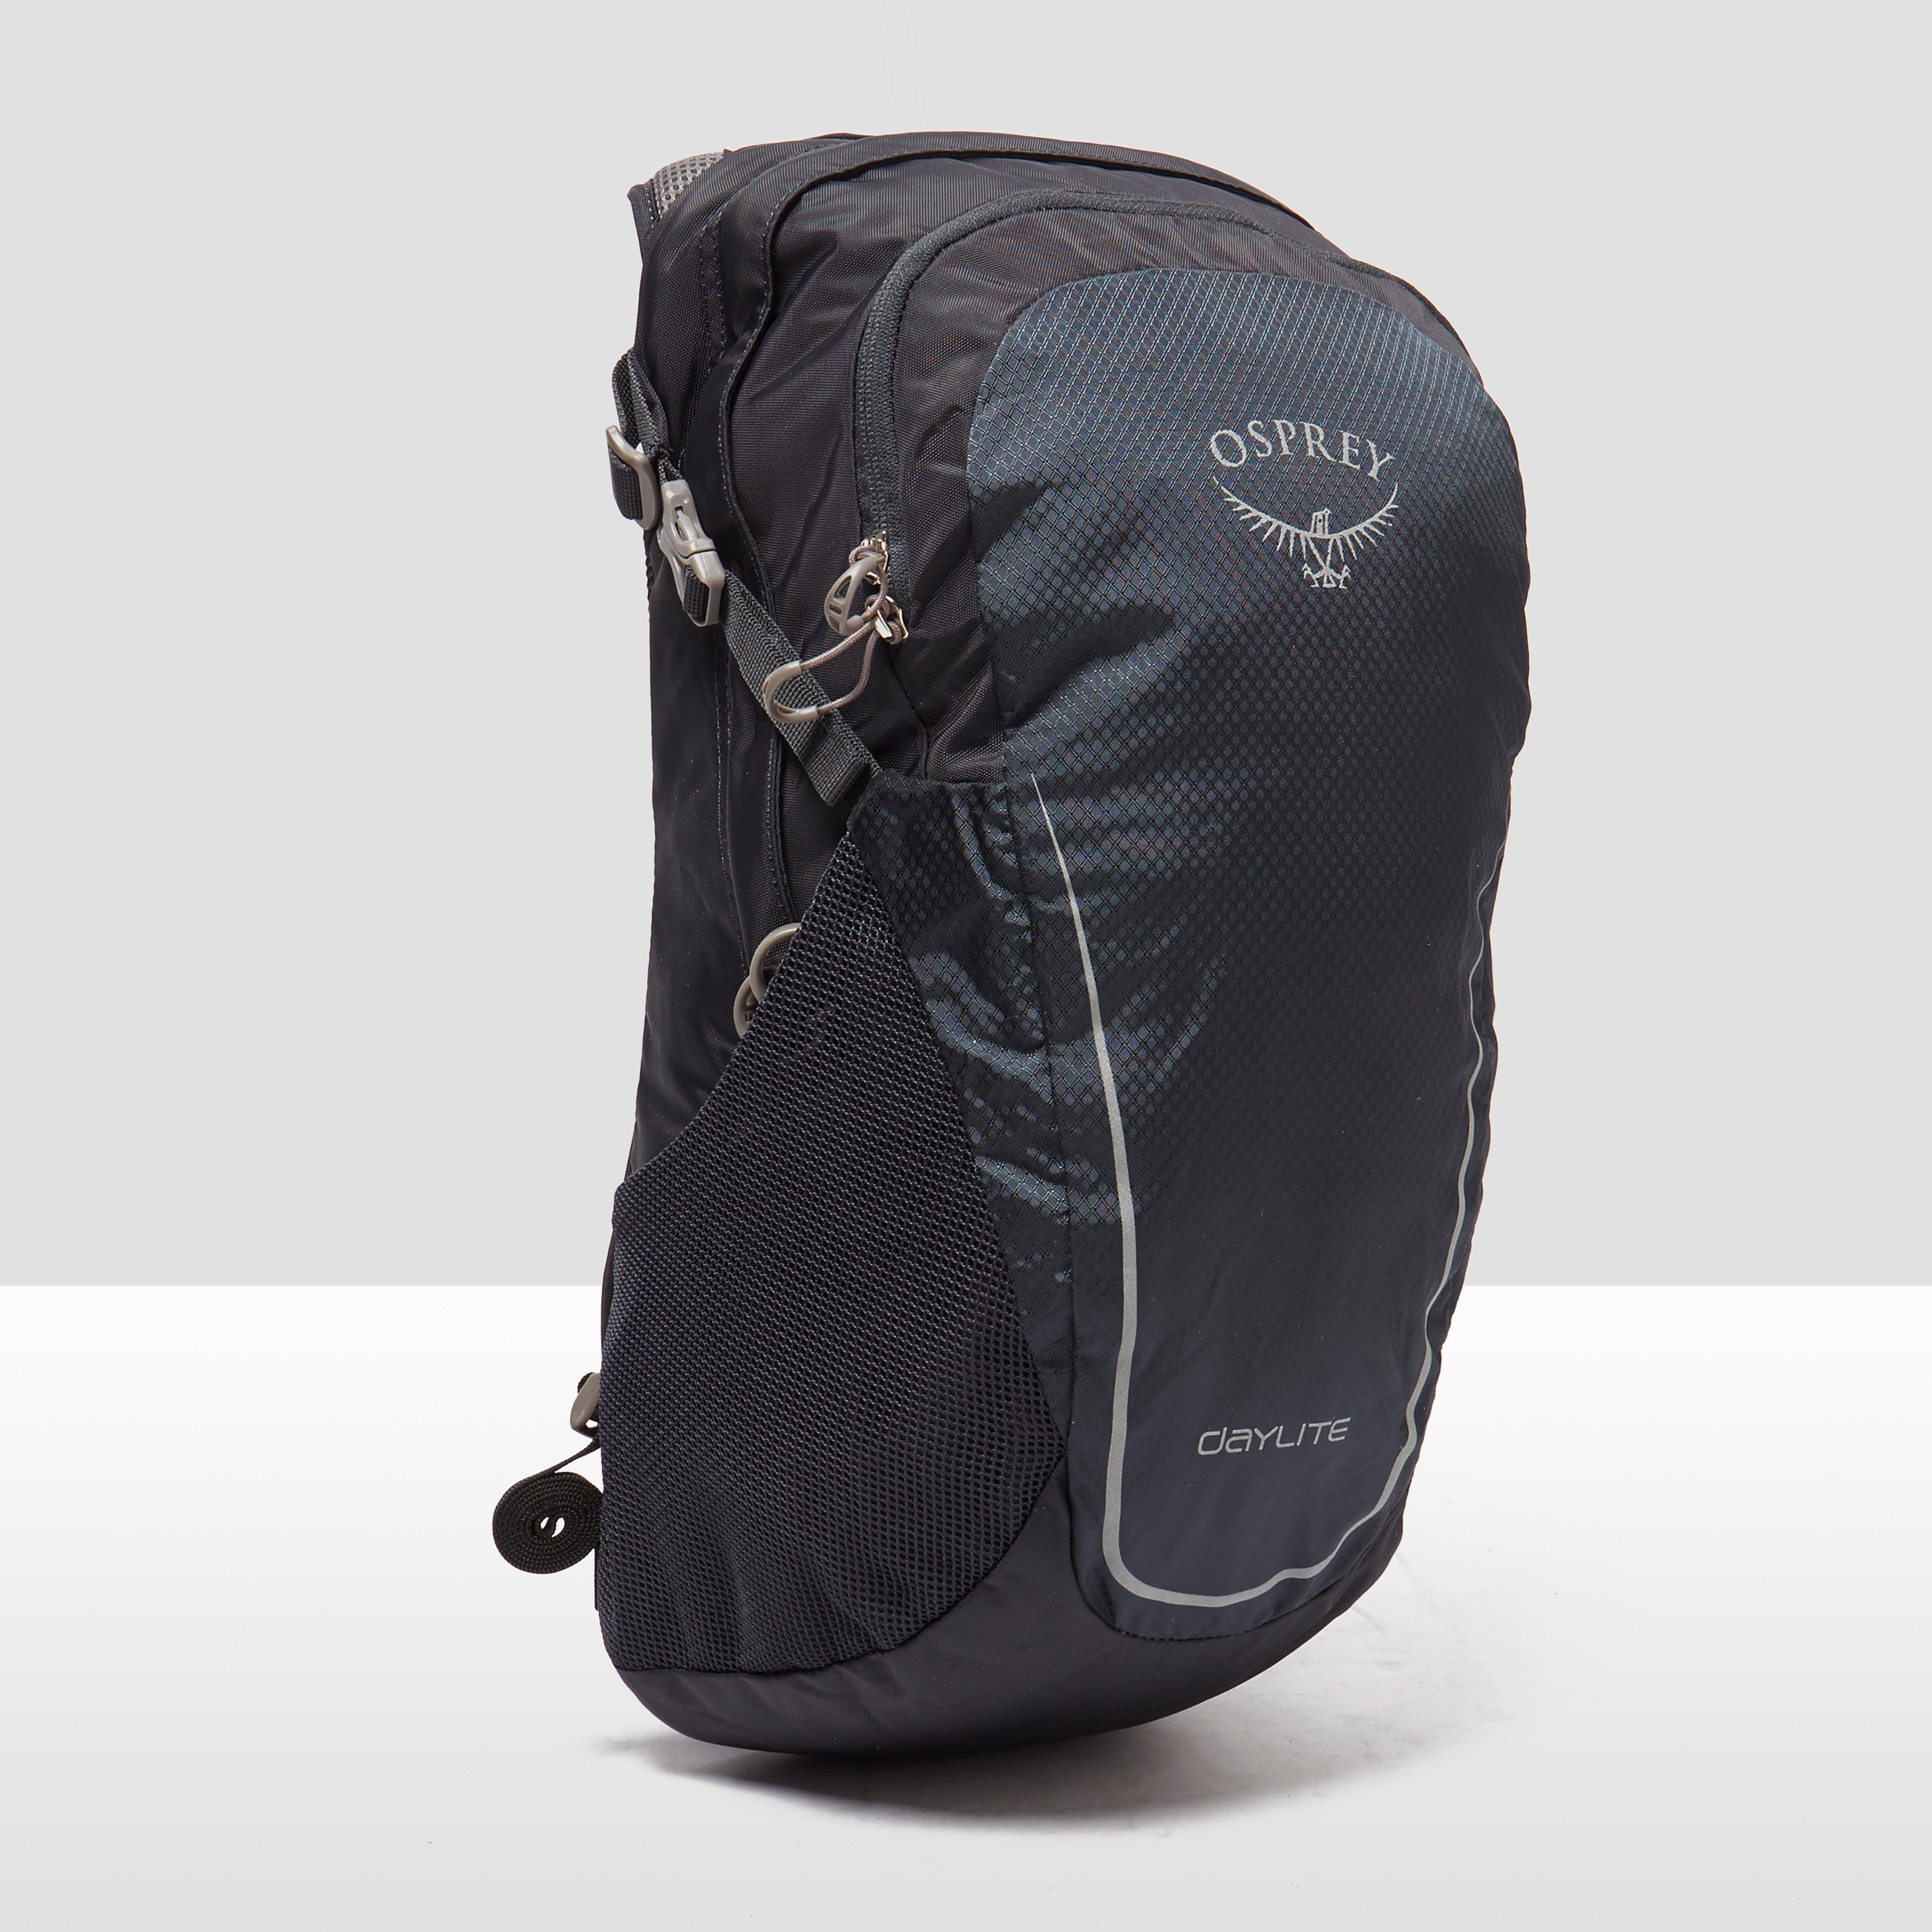 Osprey Daylite 13L Daypack, Black